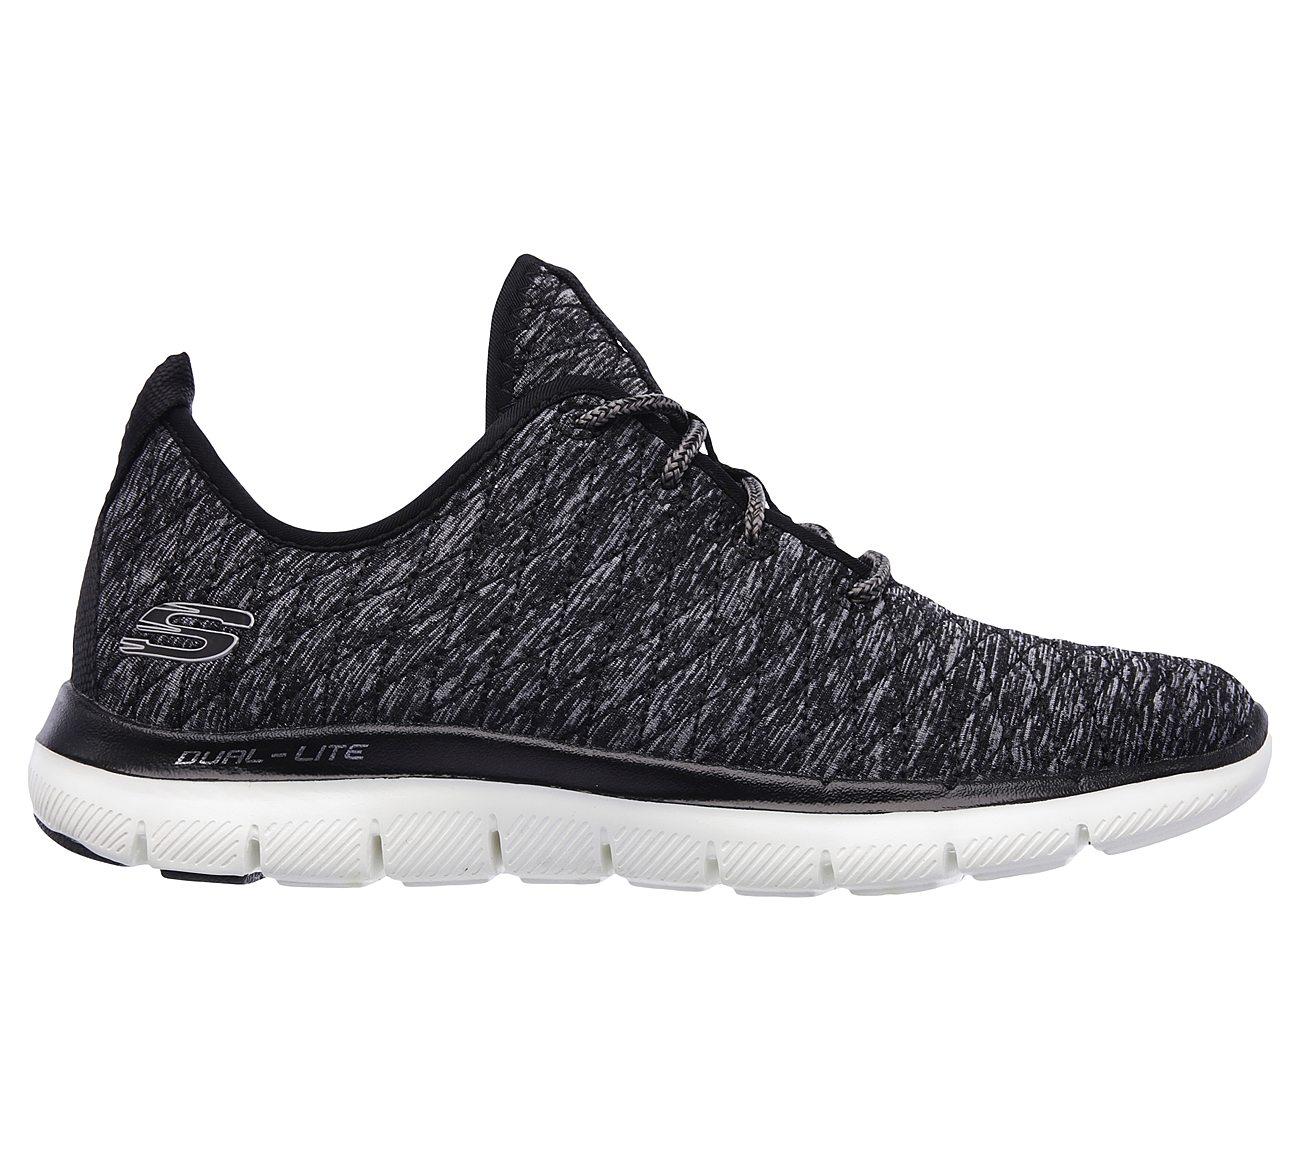 3c20d14bf1ef3 Buy SKECHERS Flex Appeal 2.0 - First Impression Flex Appeal Shoes ...